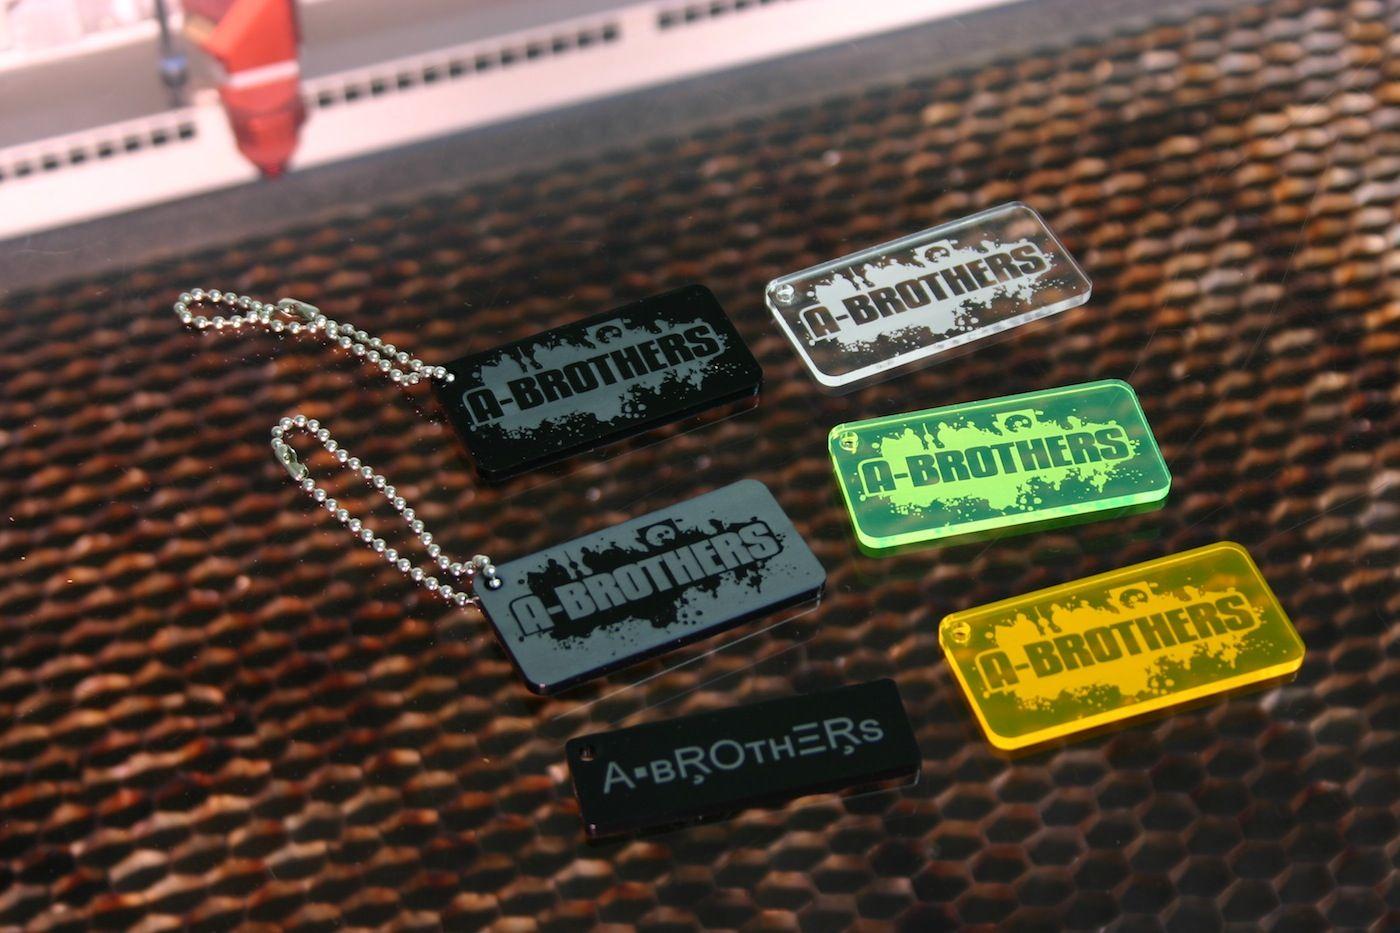 Schlüsselanhänger für www.a-brothers.at by www.laser-tattoo.de